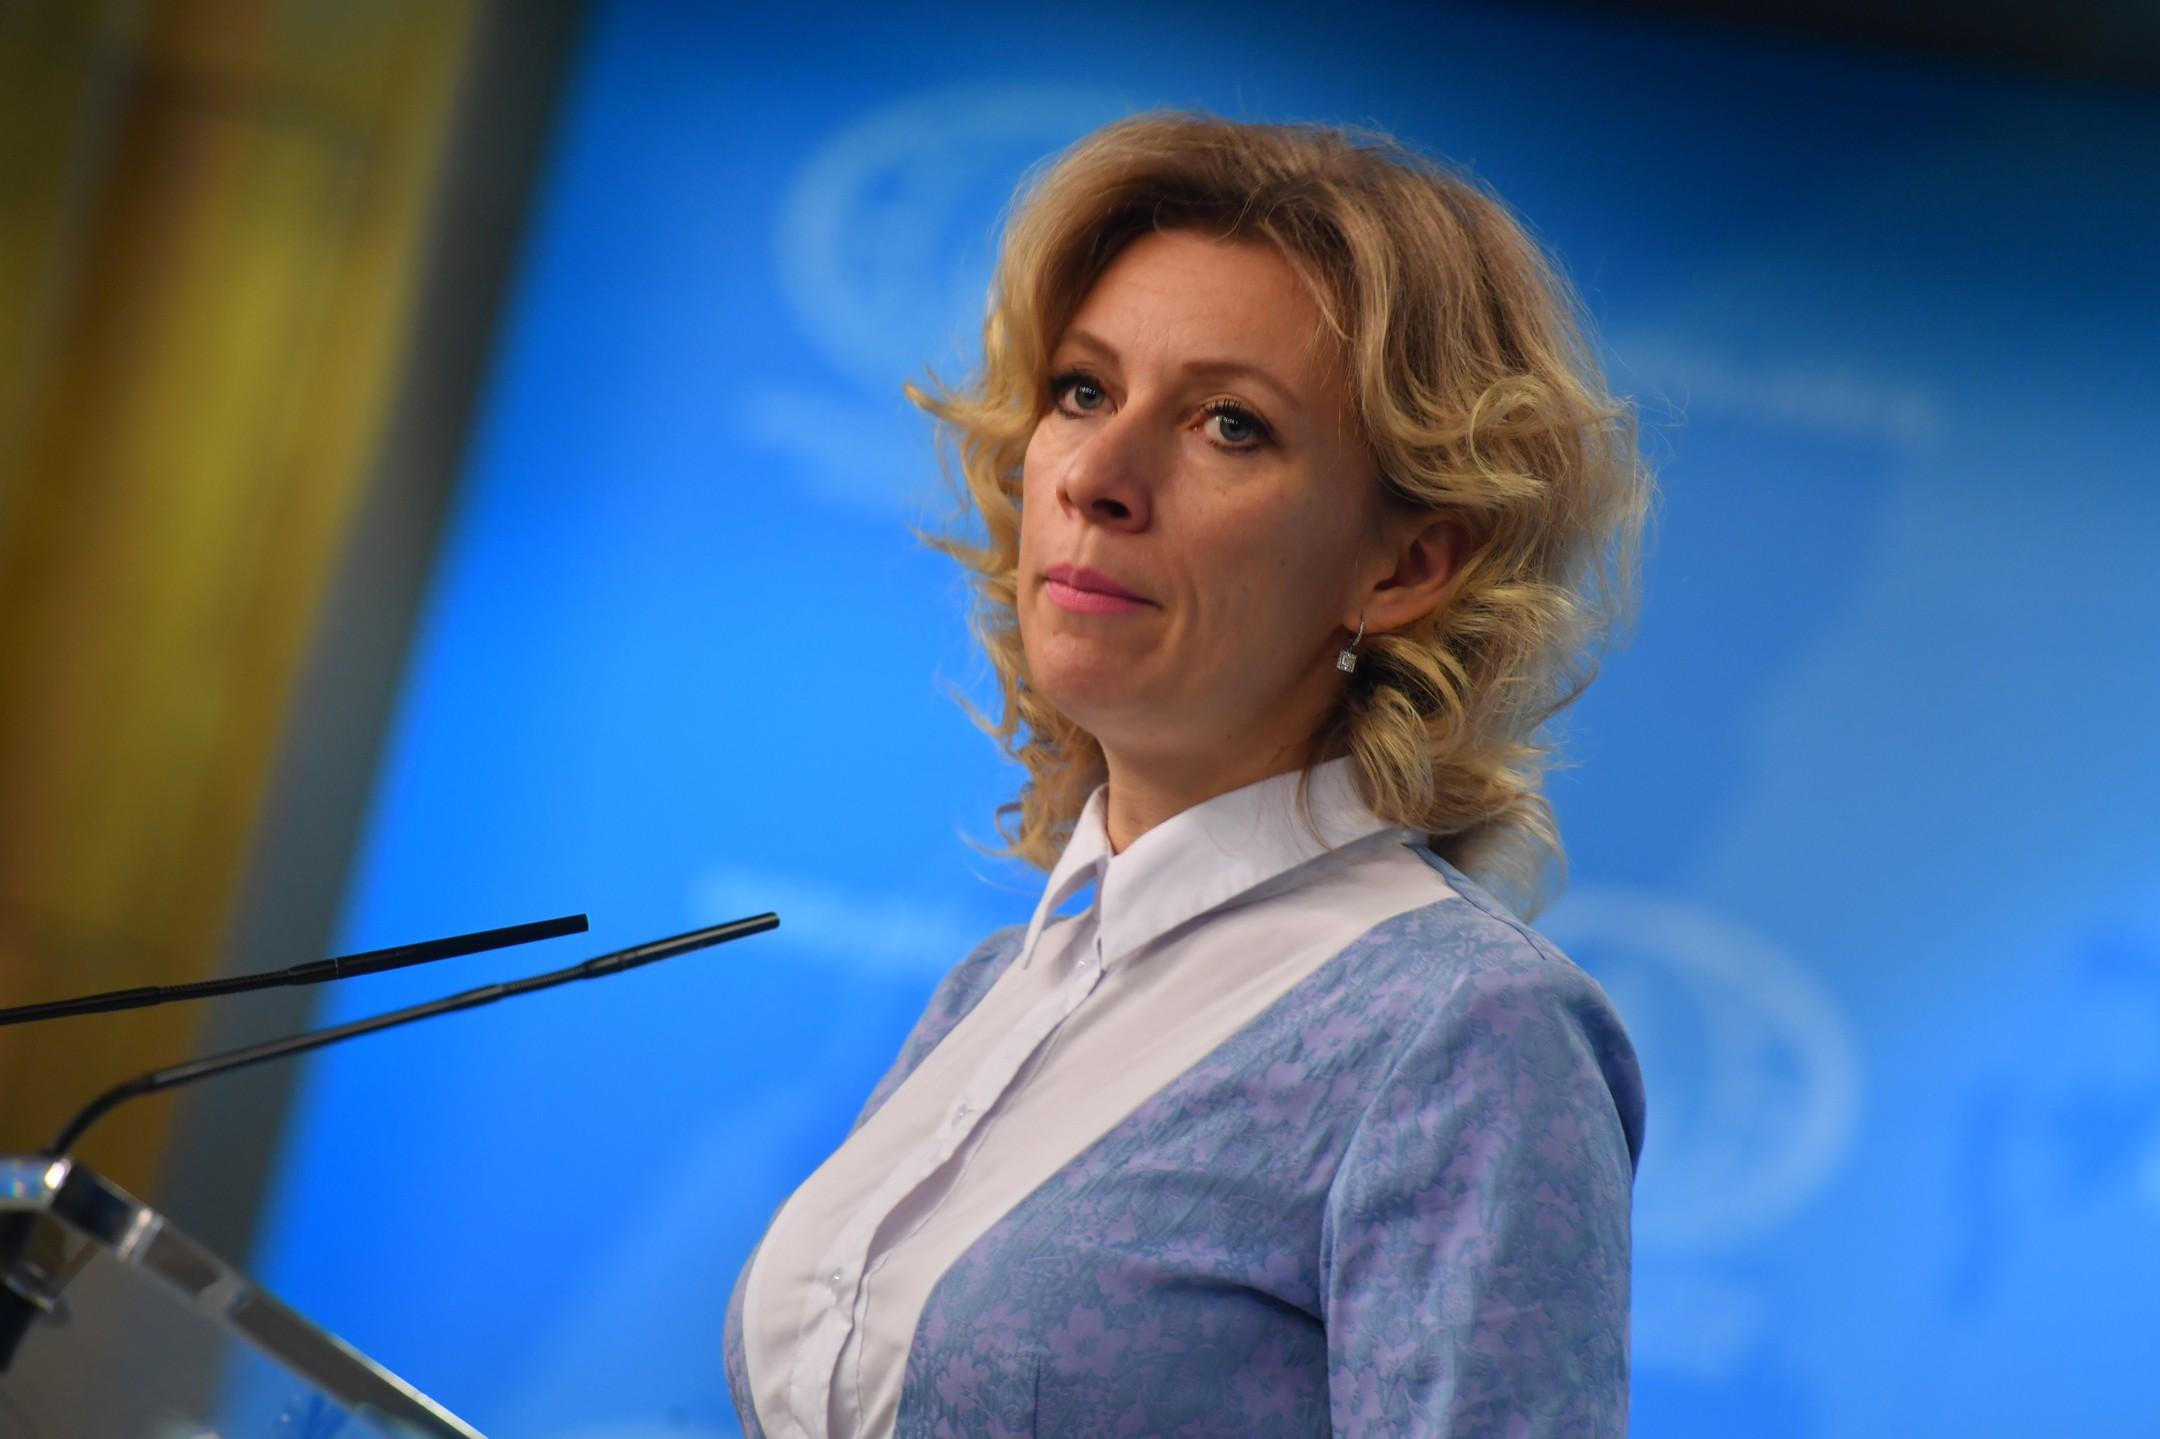 Захарова обвинила руководителя ЦРУ вовранье